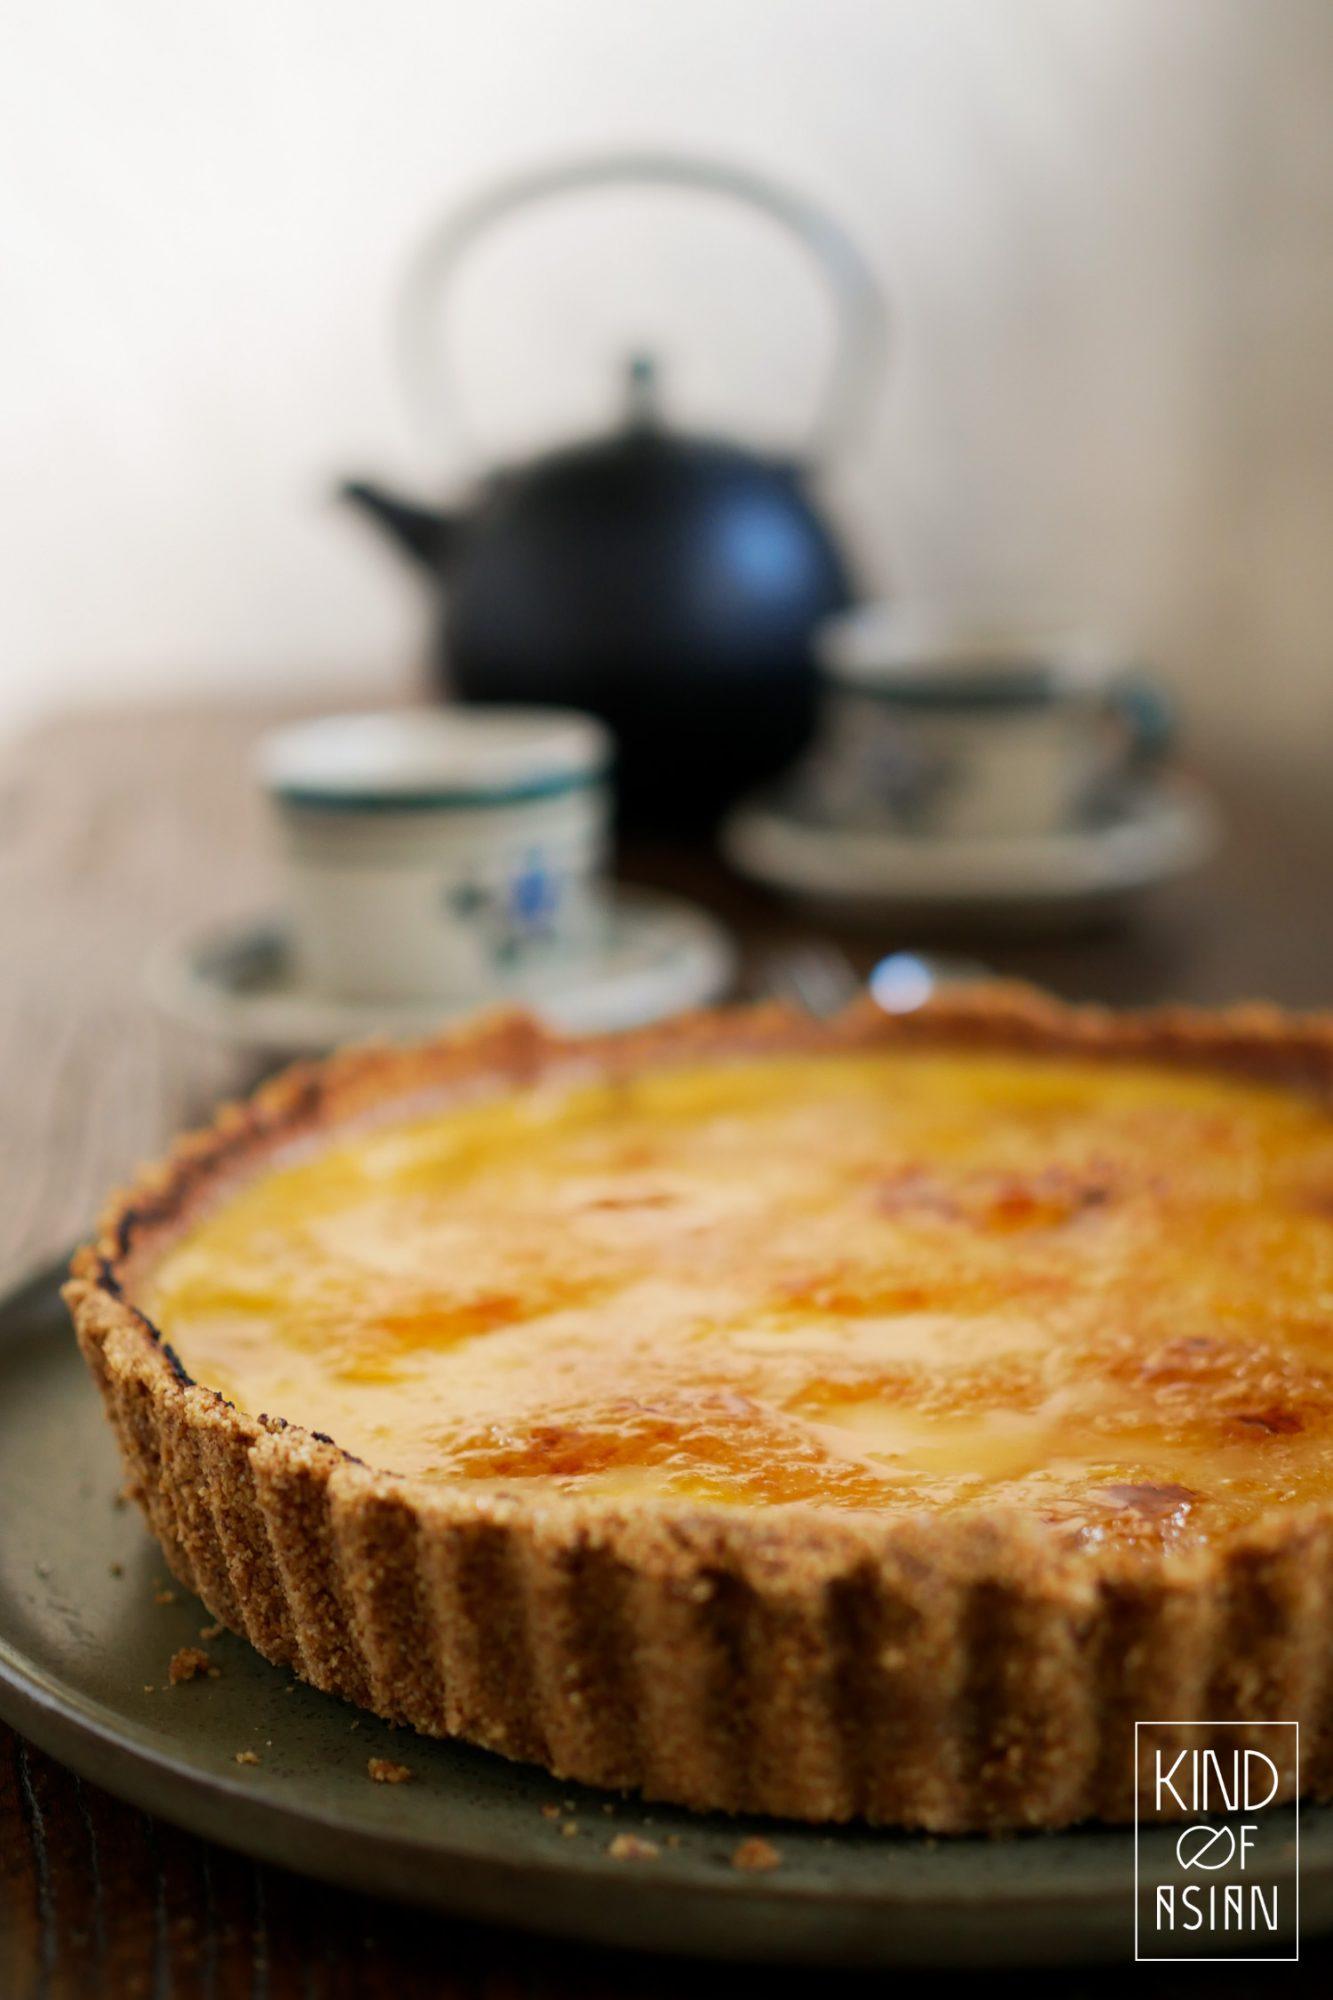 Deze makkelijke vegan no-bake crème brûlée taart is net zo crèmig als de traditionele gebakken versie met eieren en room. En minstens zo lekker!